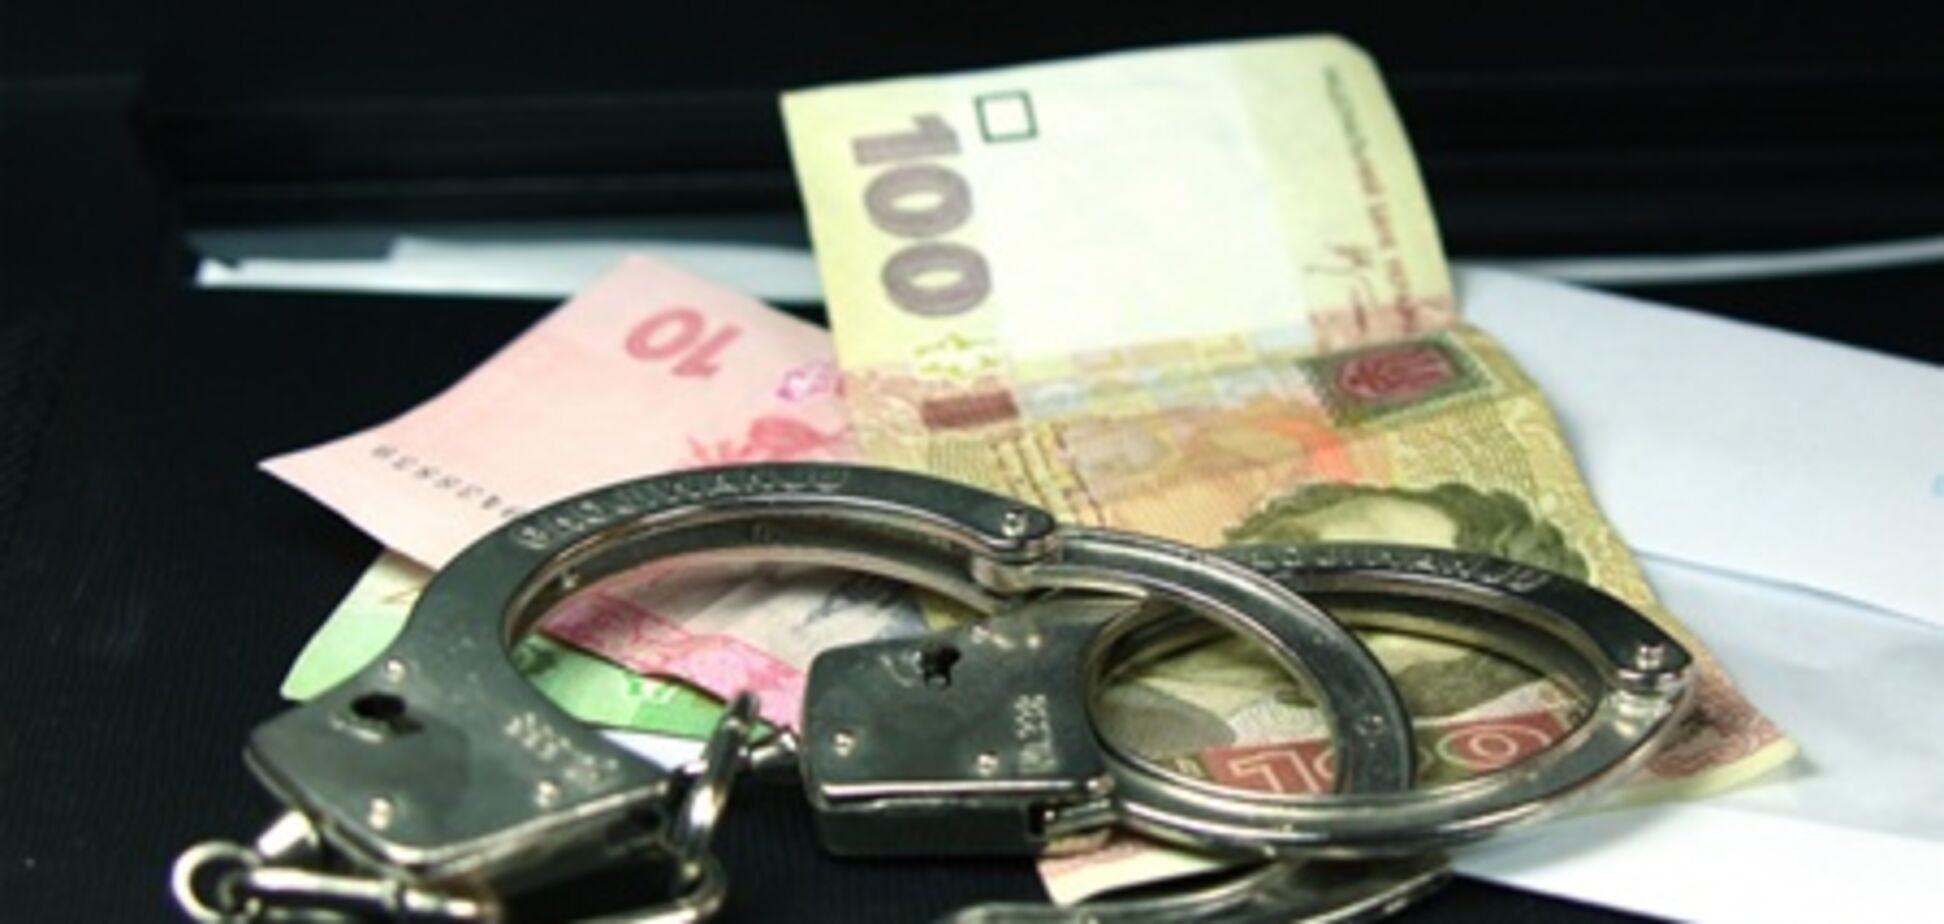 Під Херсоном суддю спіймали на хабарі в 110 тисяч грн